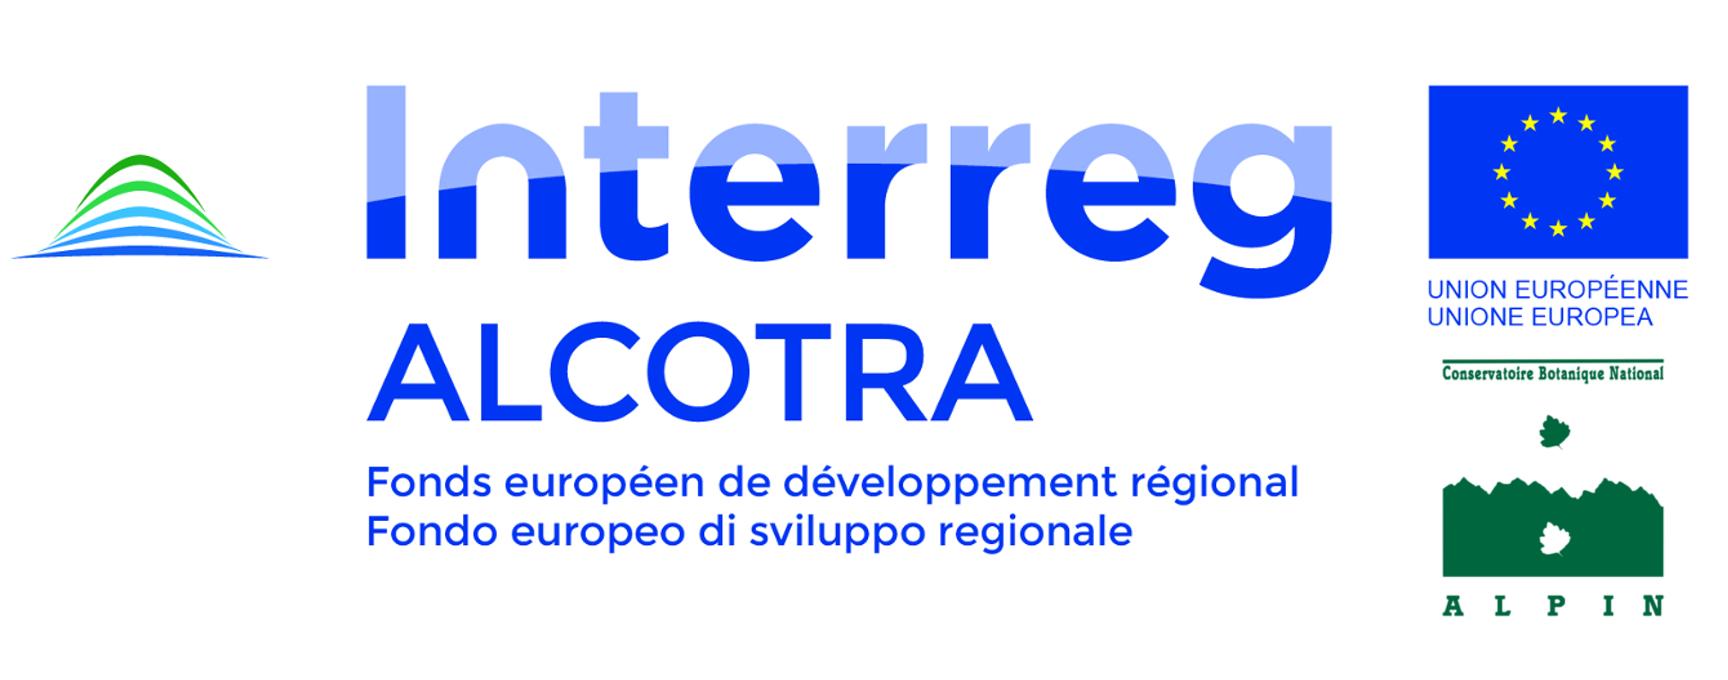 Alcotra-CBNA